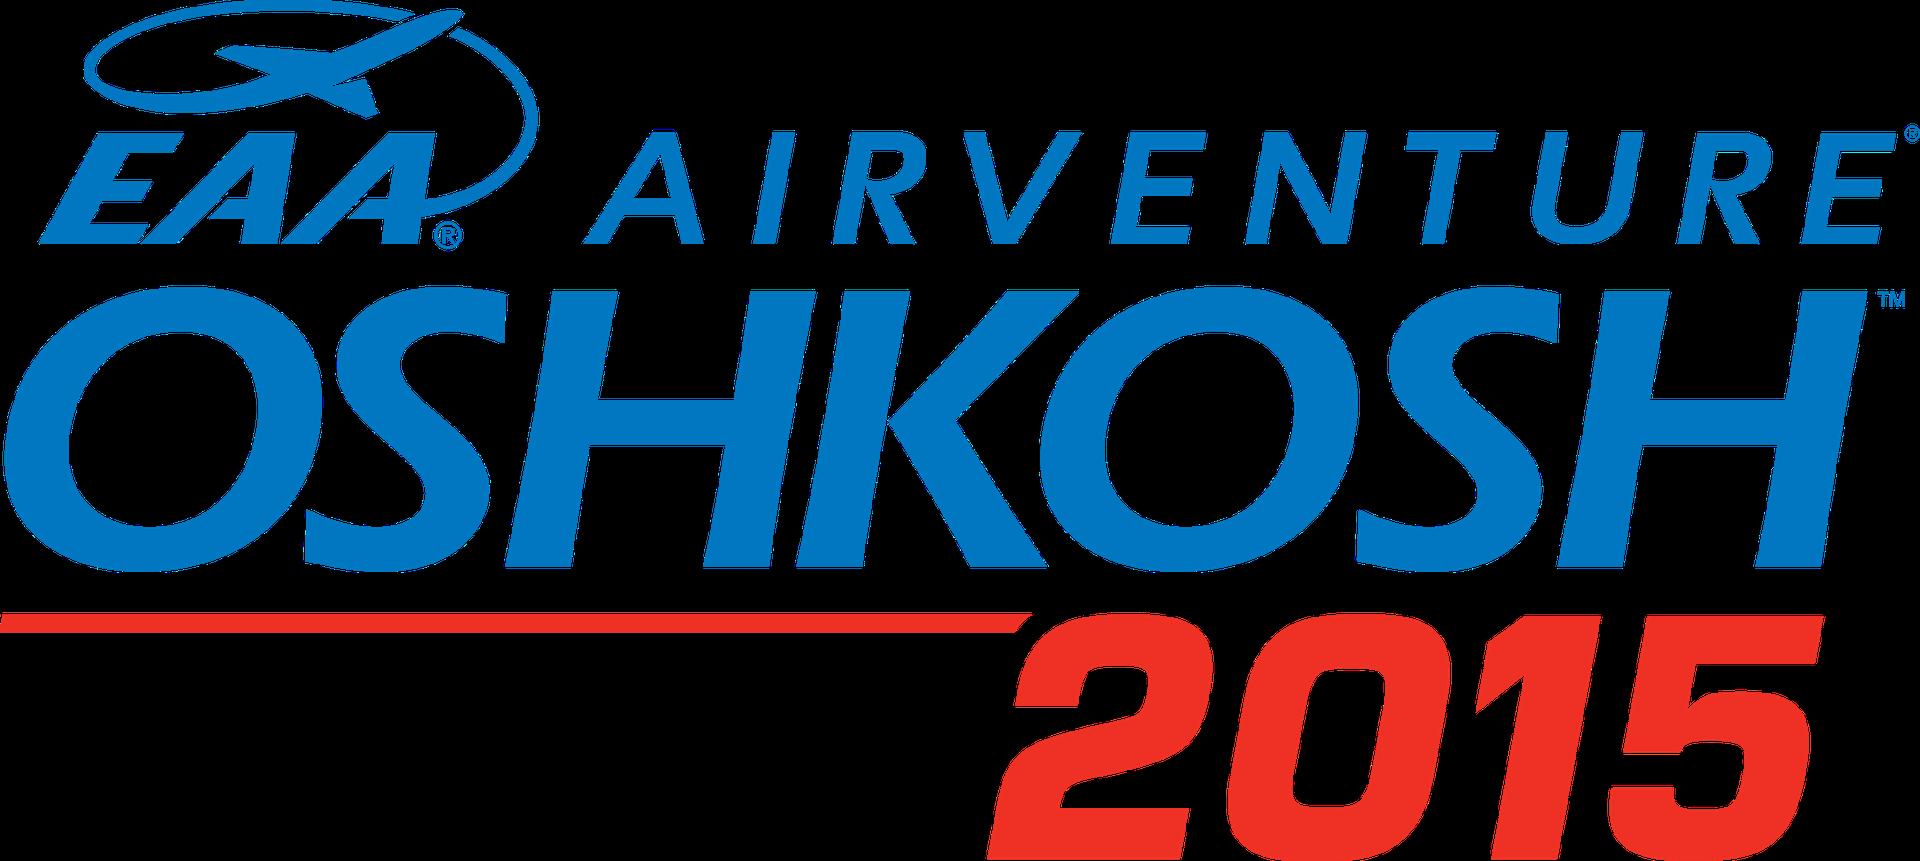 AirVenture OSHKOSH 2015